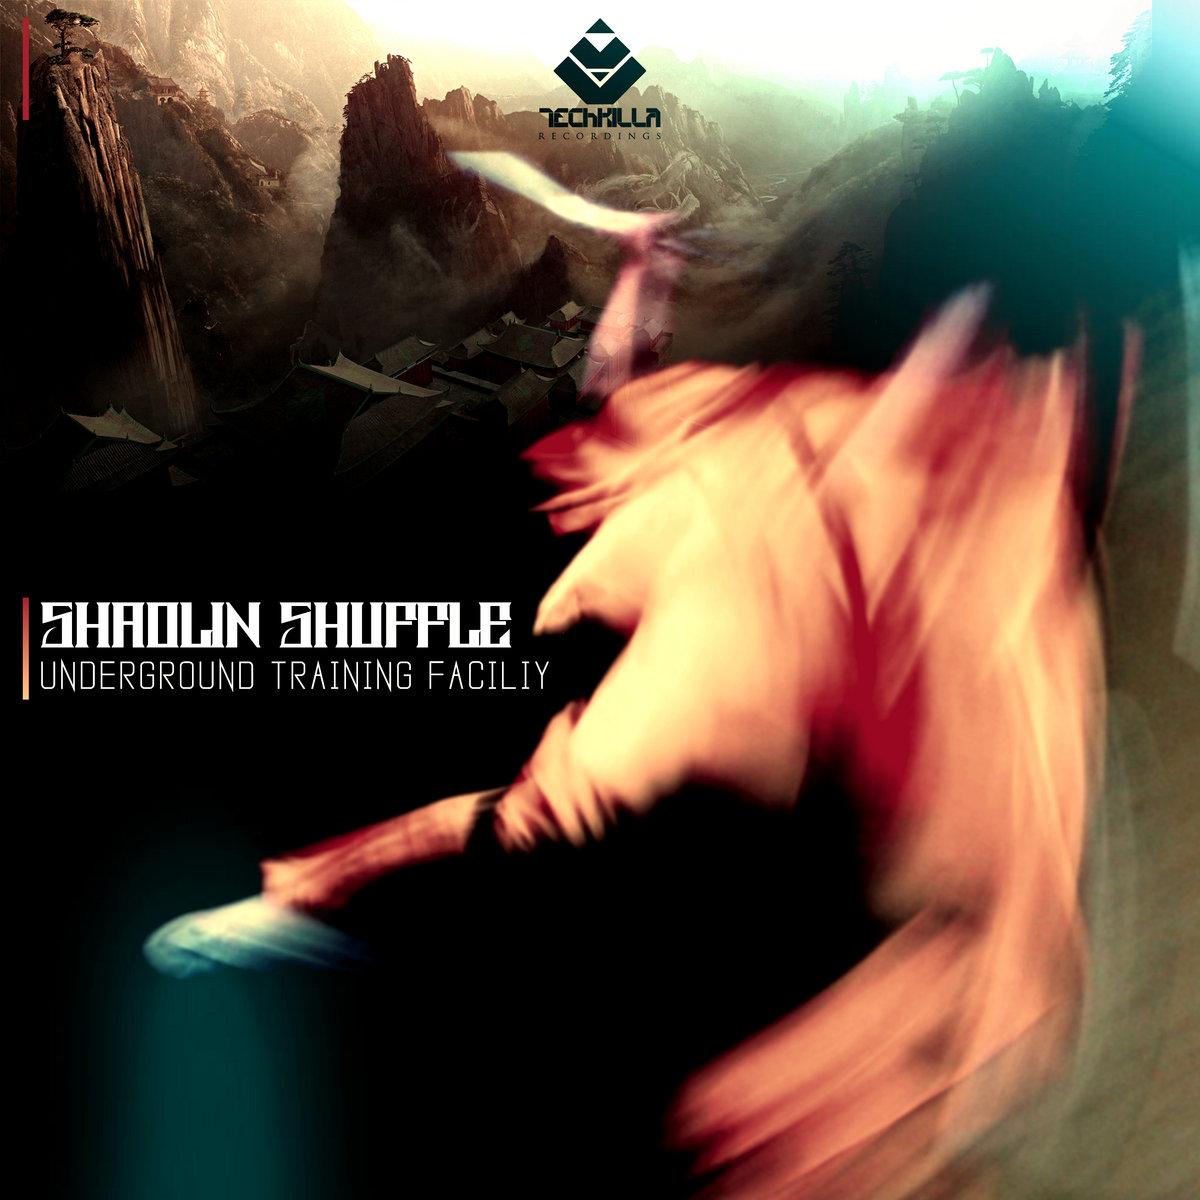 TKR004 | Shaolin Shuffle - Underground Training Facility EP